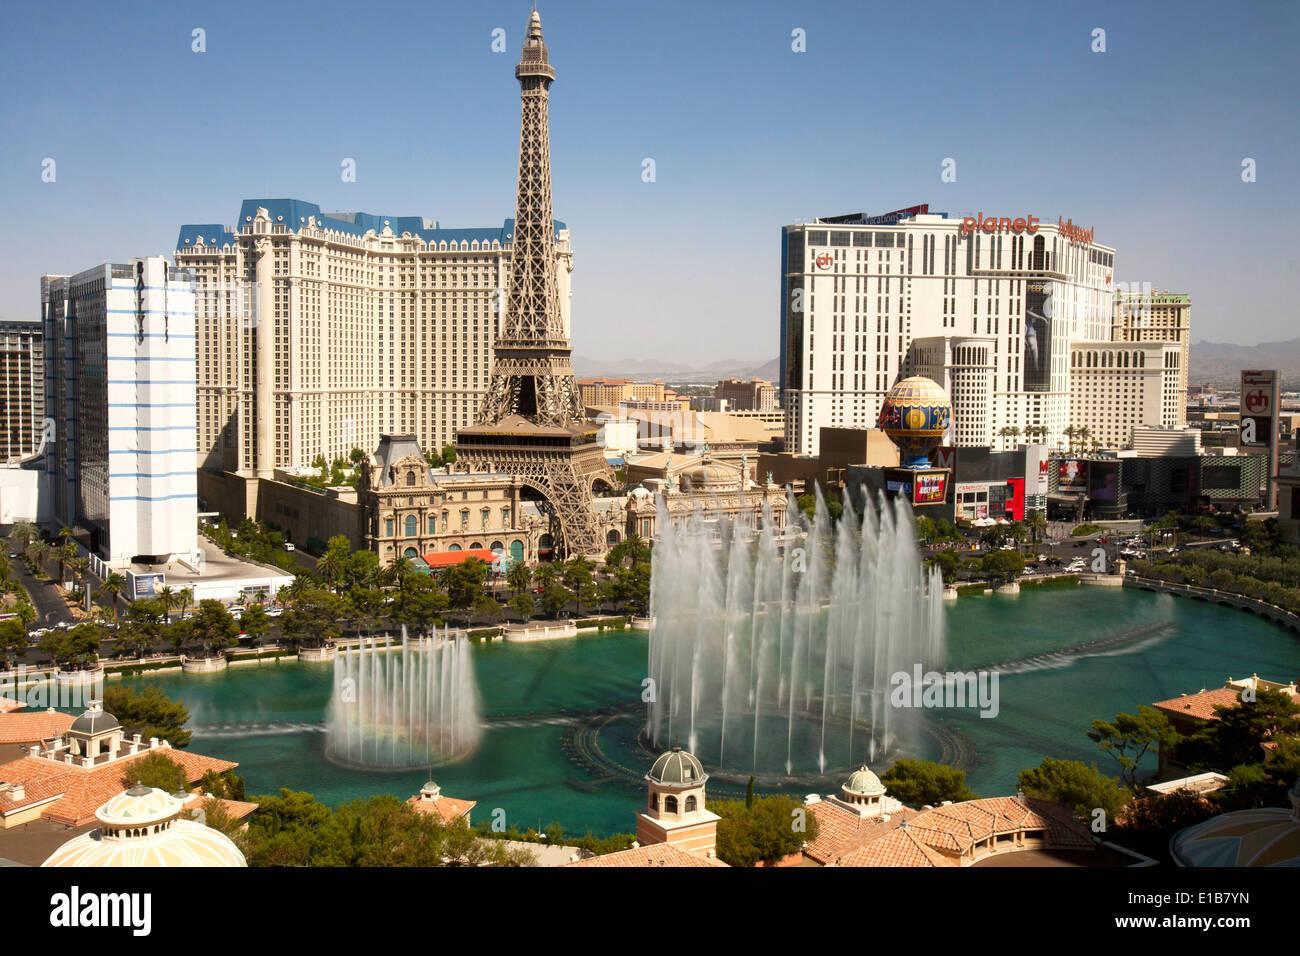 Ballys resort and casino airline casino express